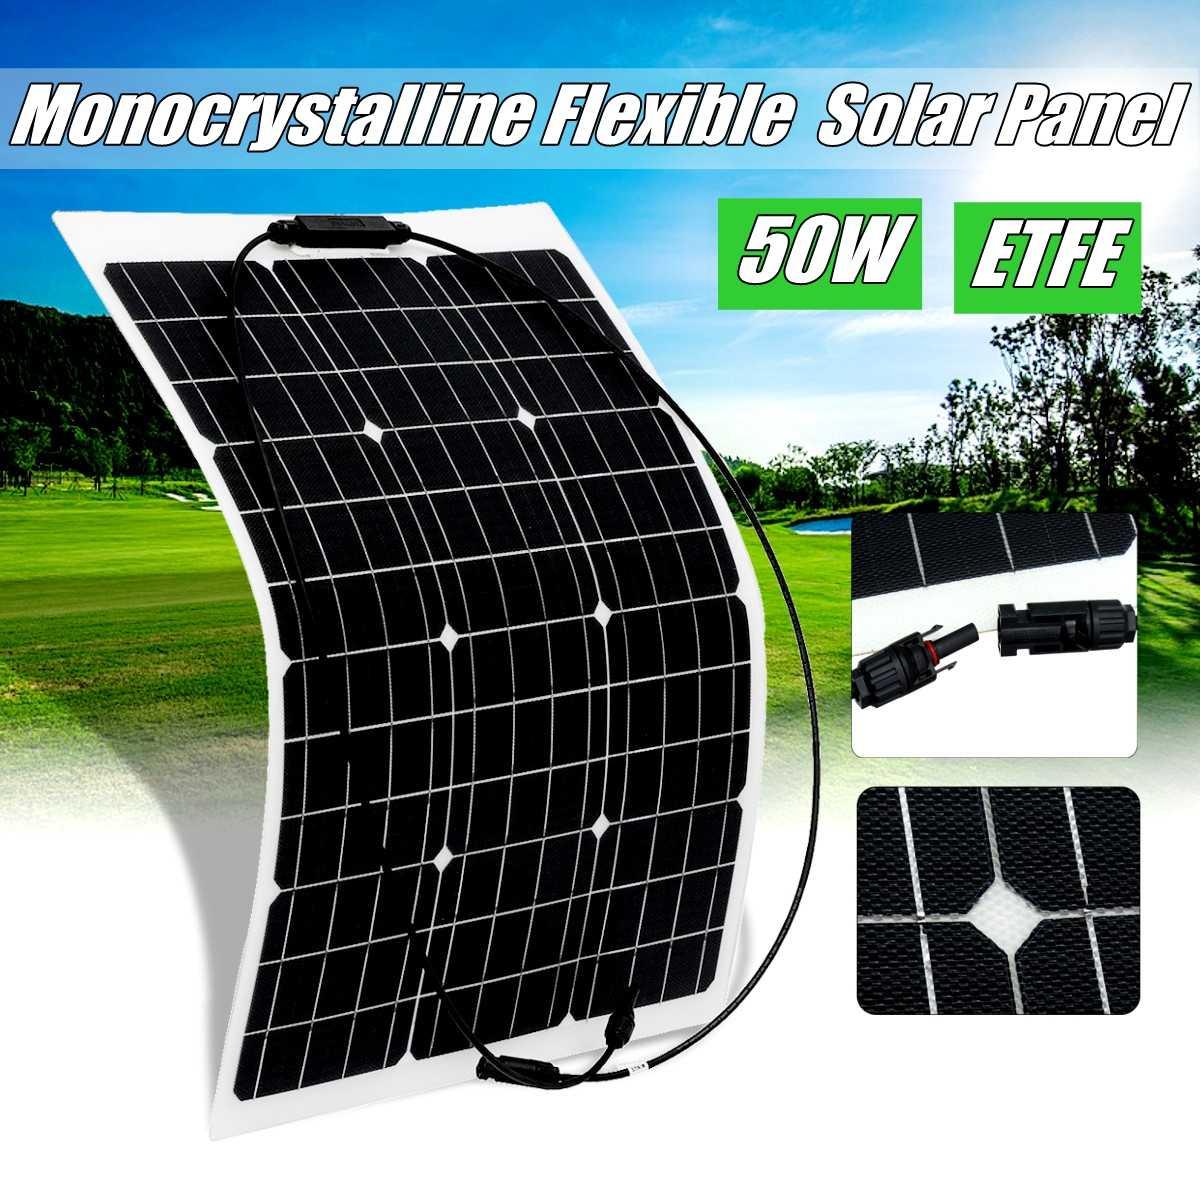 Semi Flexible Solar Panel 18V 50W Solar Charger For 12V Car Battery ETFE Monocrystalline Cells For